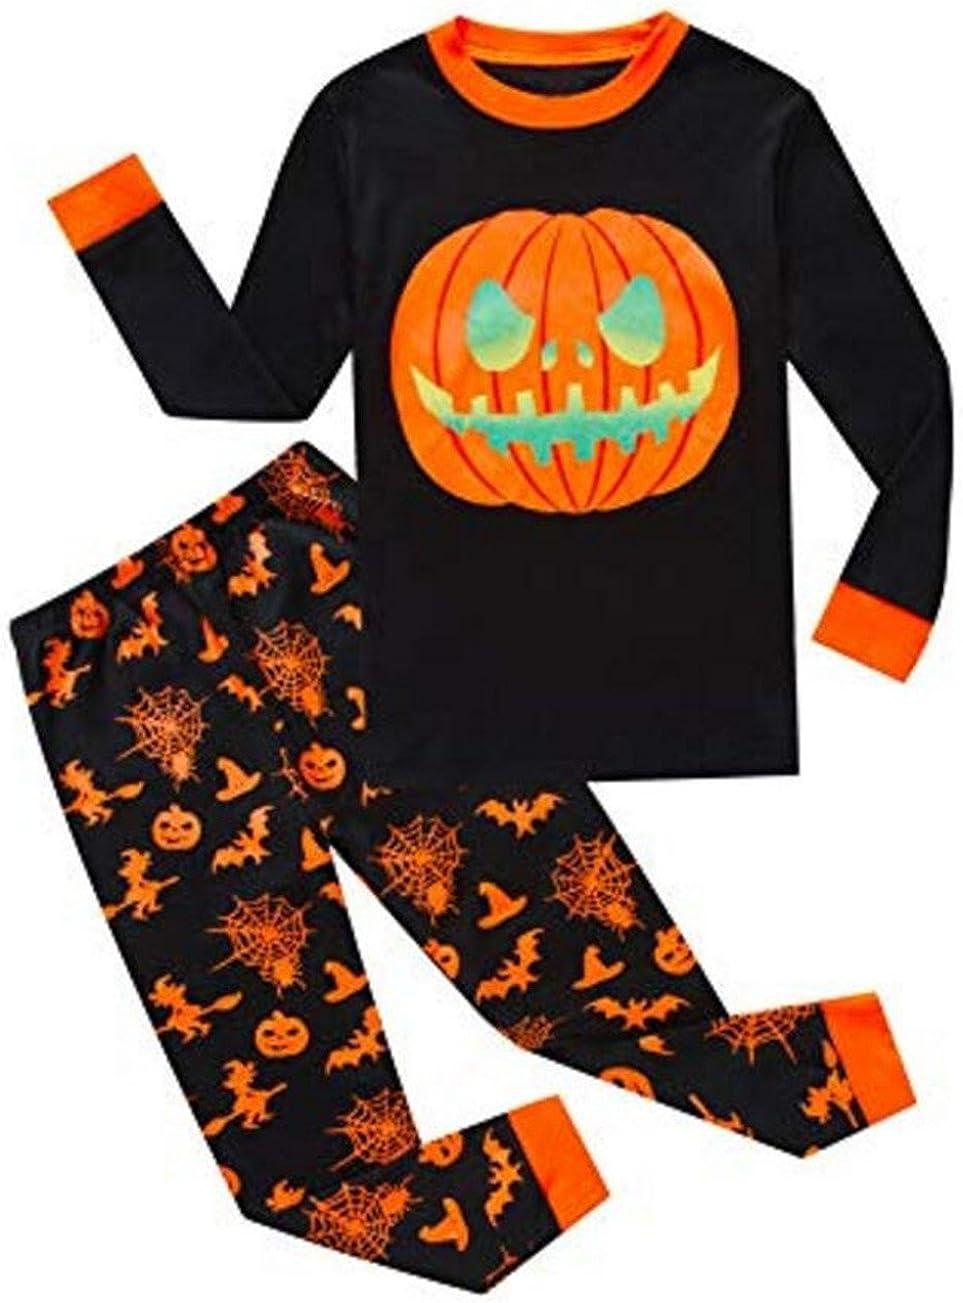 Novetly Halloween Pumpkin Pie Printing Shirts Drawstring Shorts Set for Women,Nightwear Pajamas Sportwear